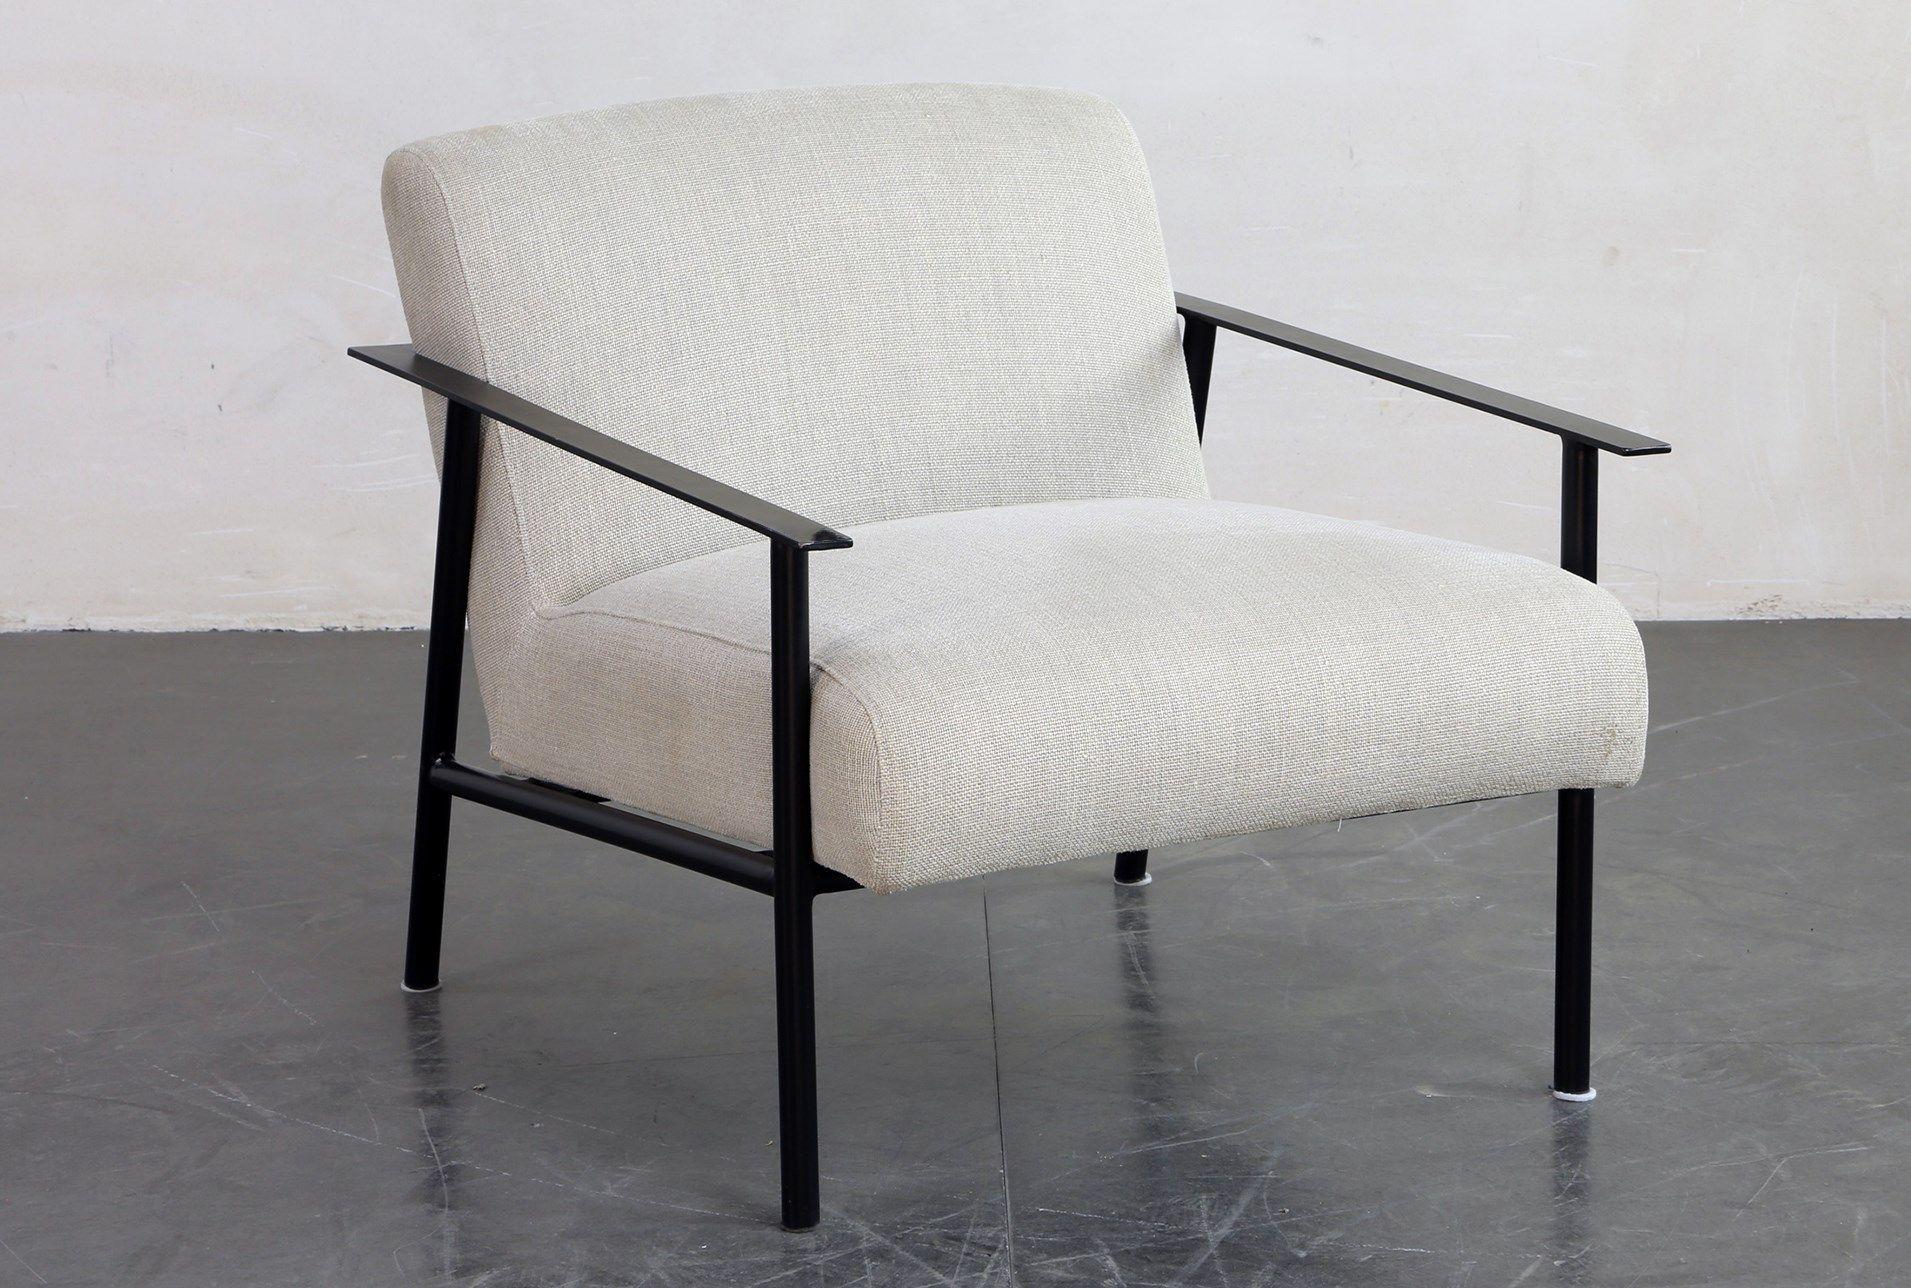 Park Art My WordPress Blog_Modern Metal Frame Accent Chair